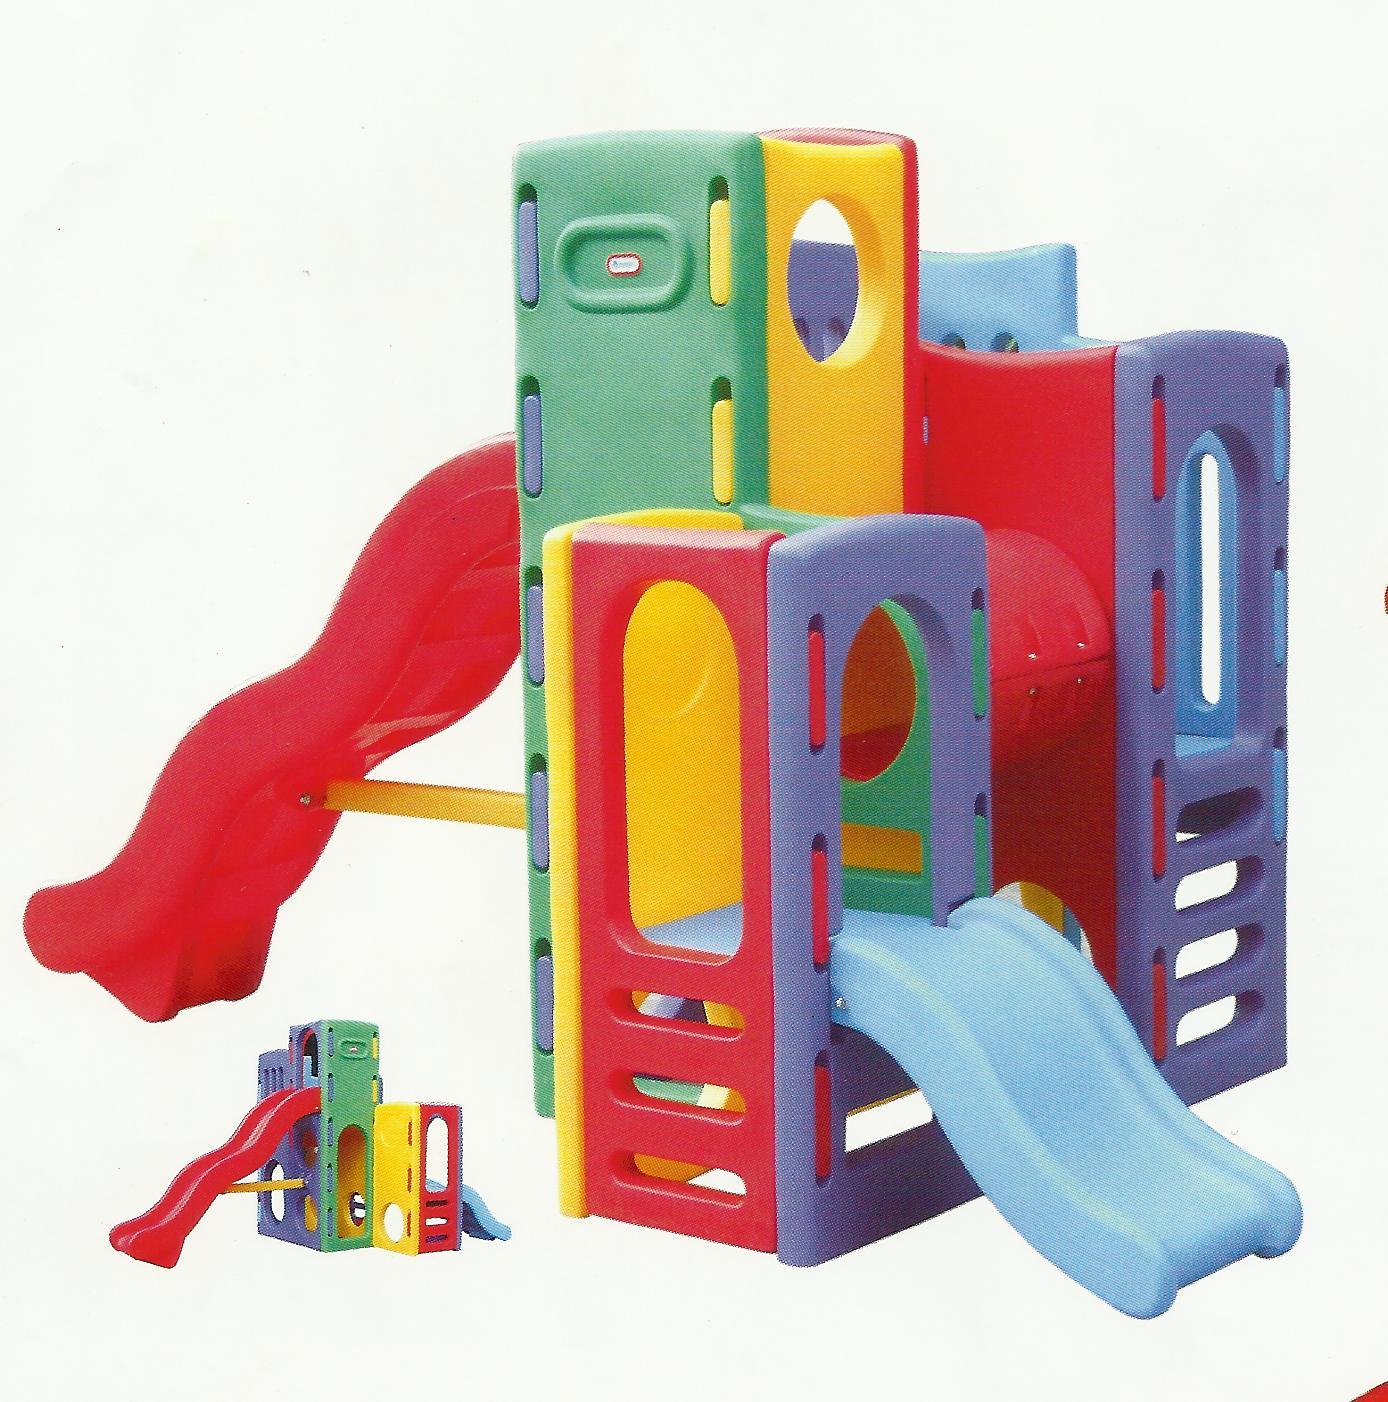 EDU Zone: Plastic Playground